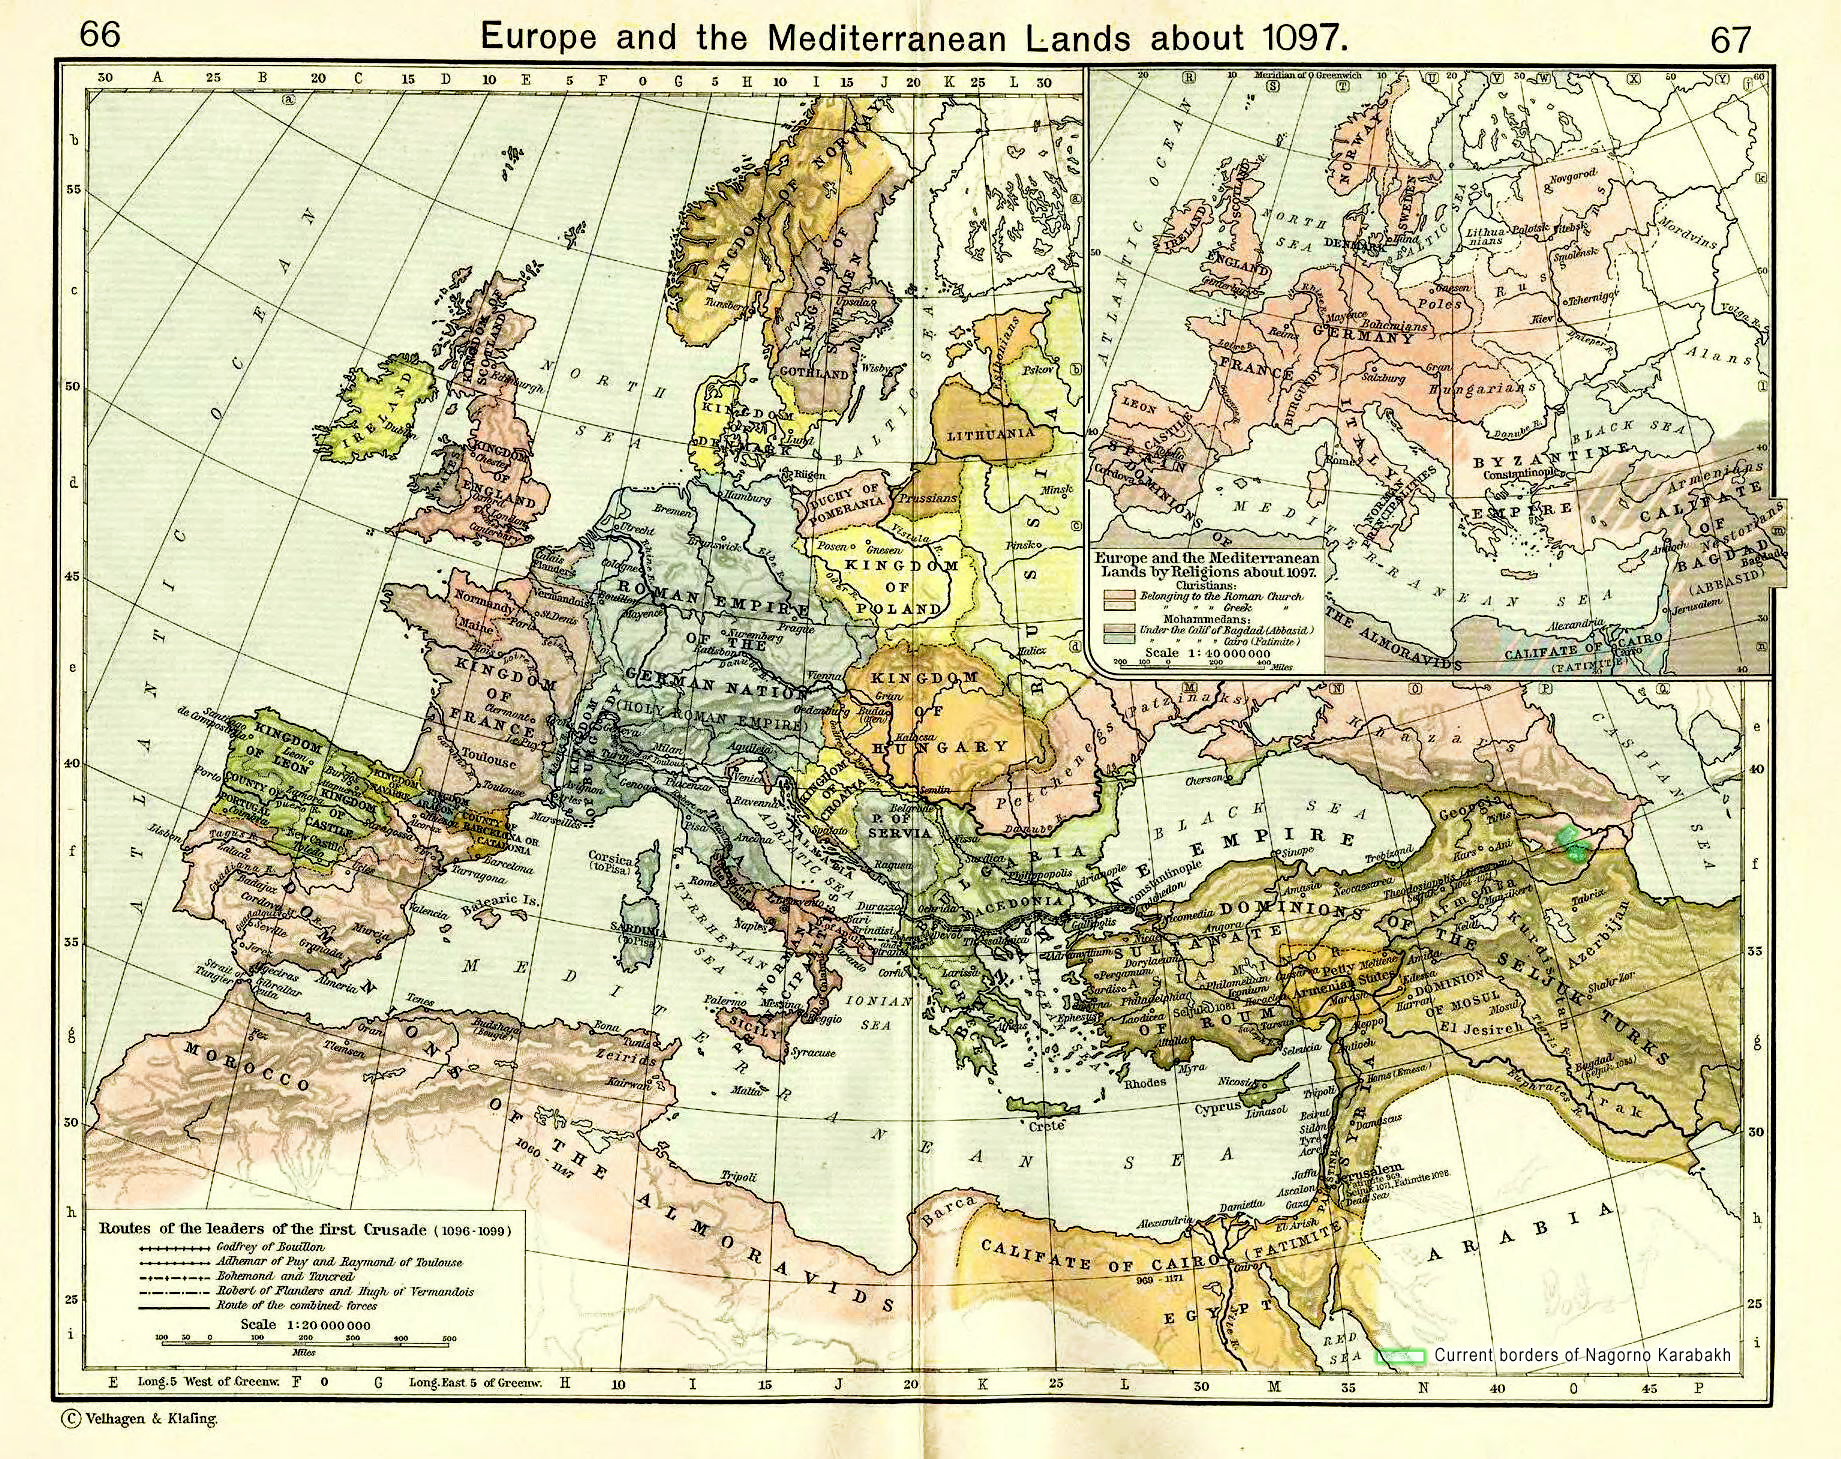 Karabakh under dominion of two Turkic states: Seljuks and Khazars. XI c